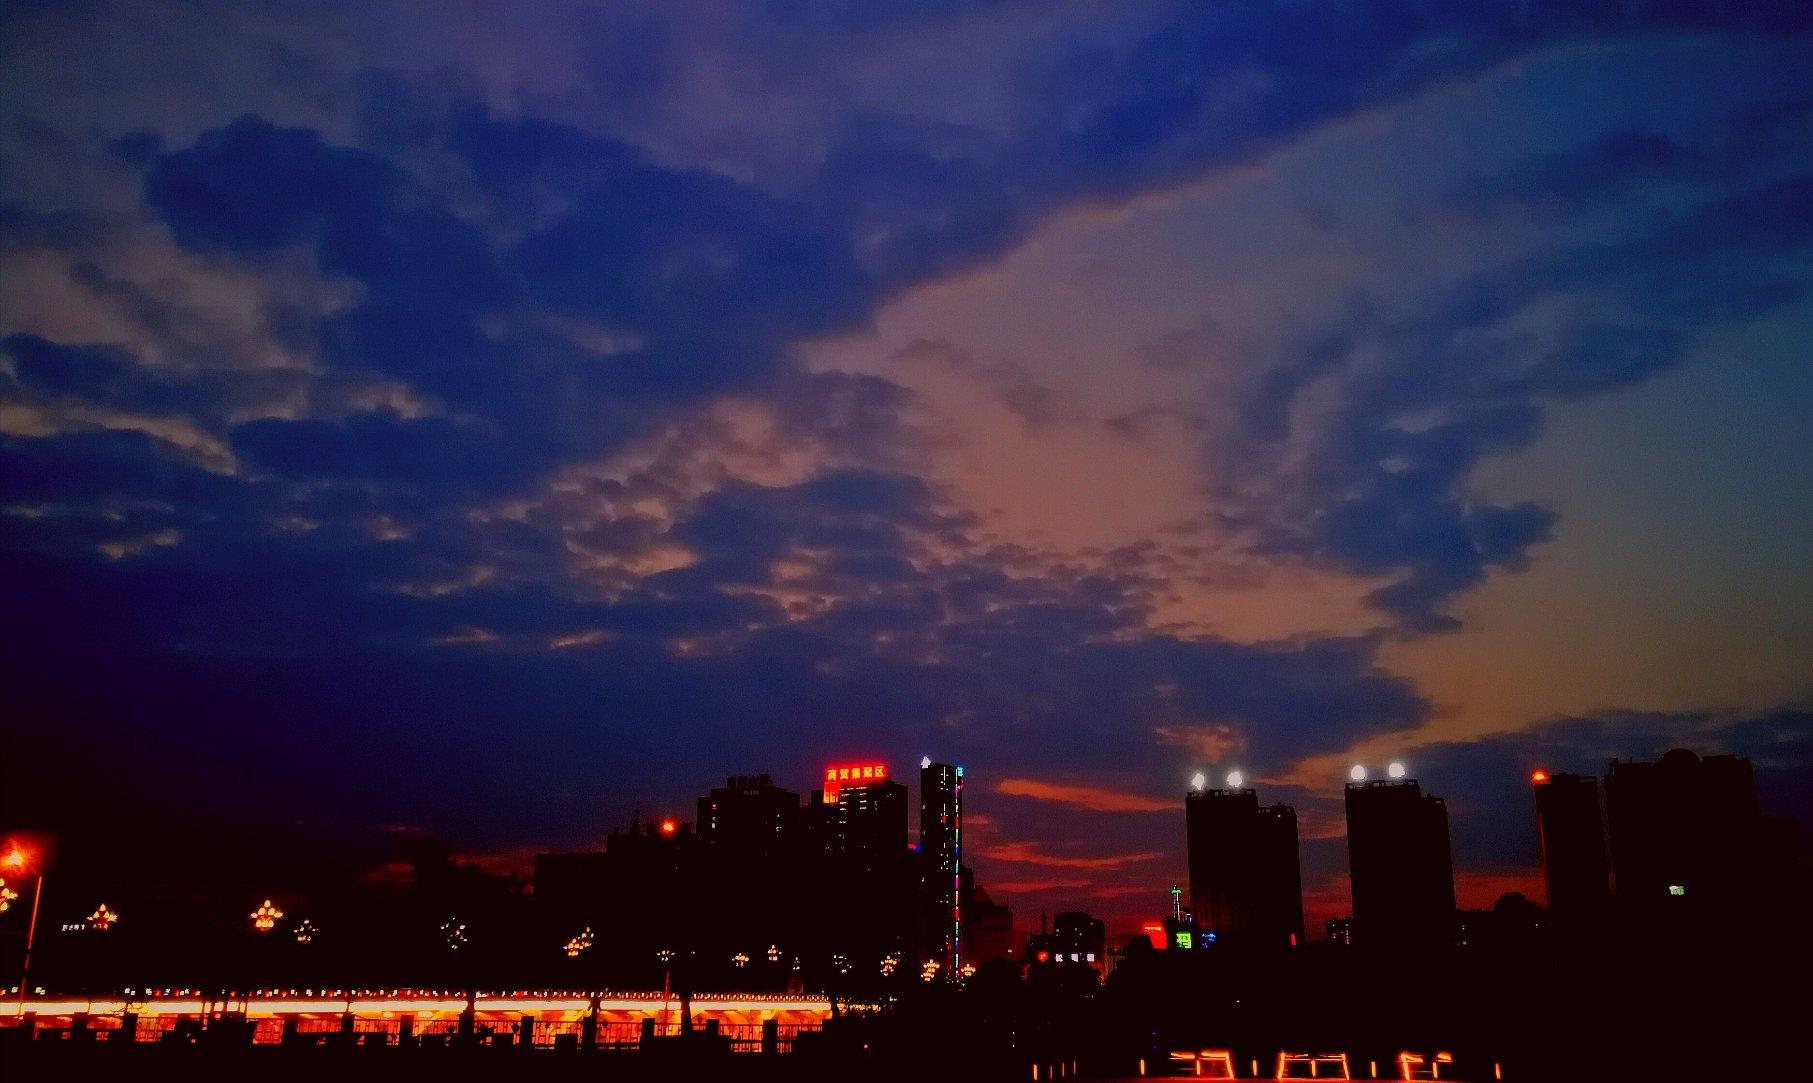 辽宁抚顺天_辽宁省抚顺市新抚区东公园街道抚顺友谊宾馆_一木/ e9